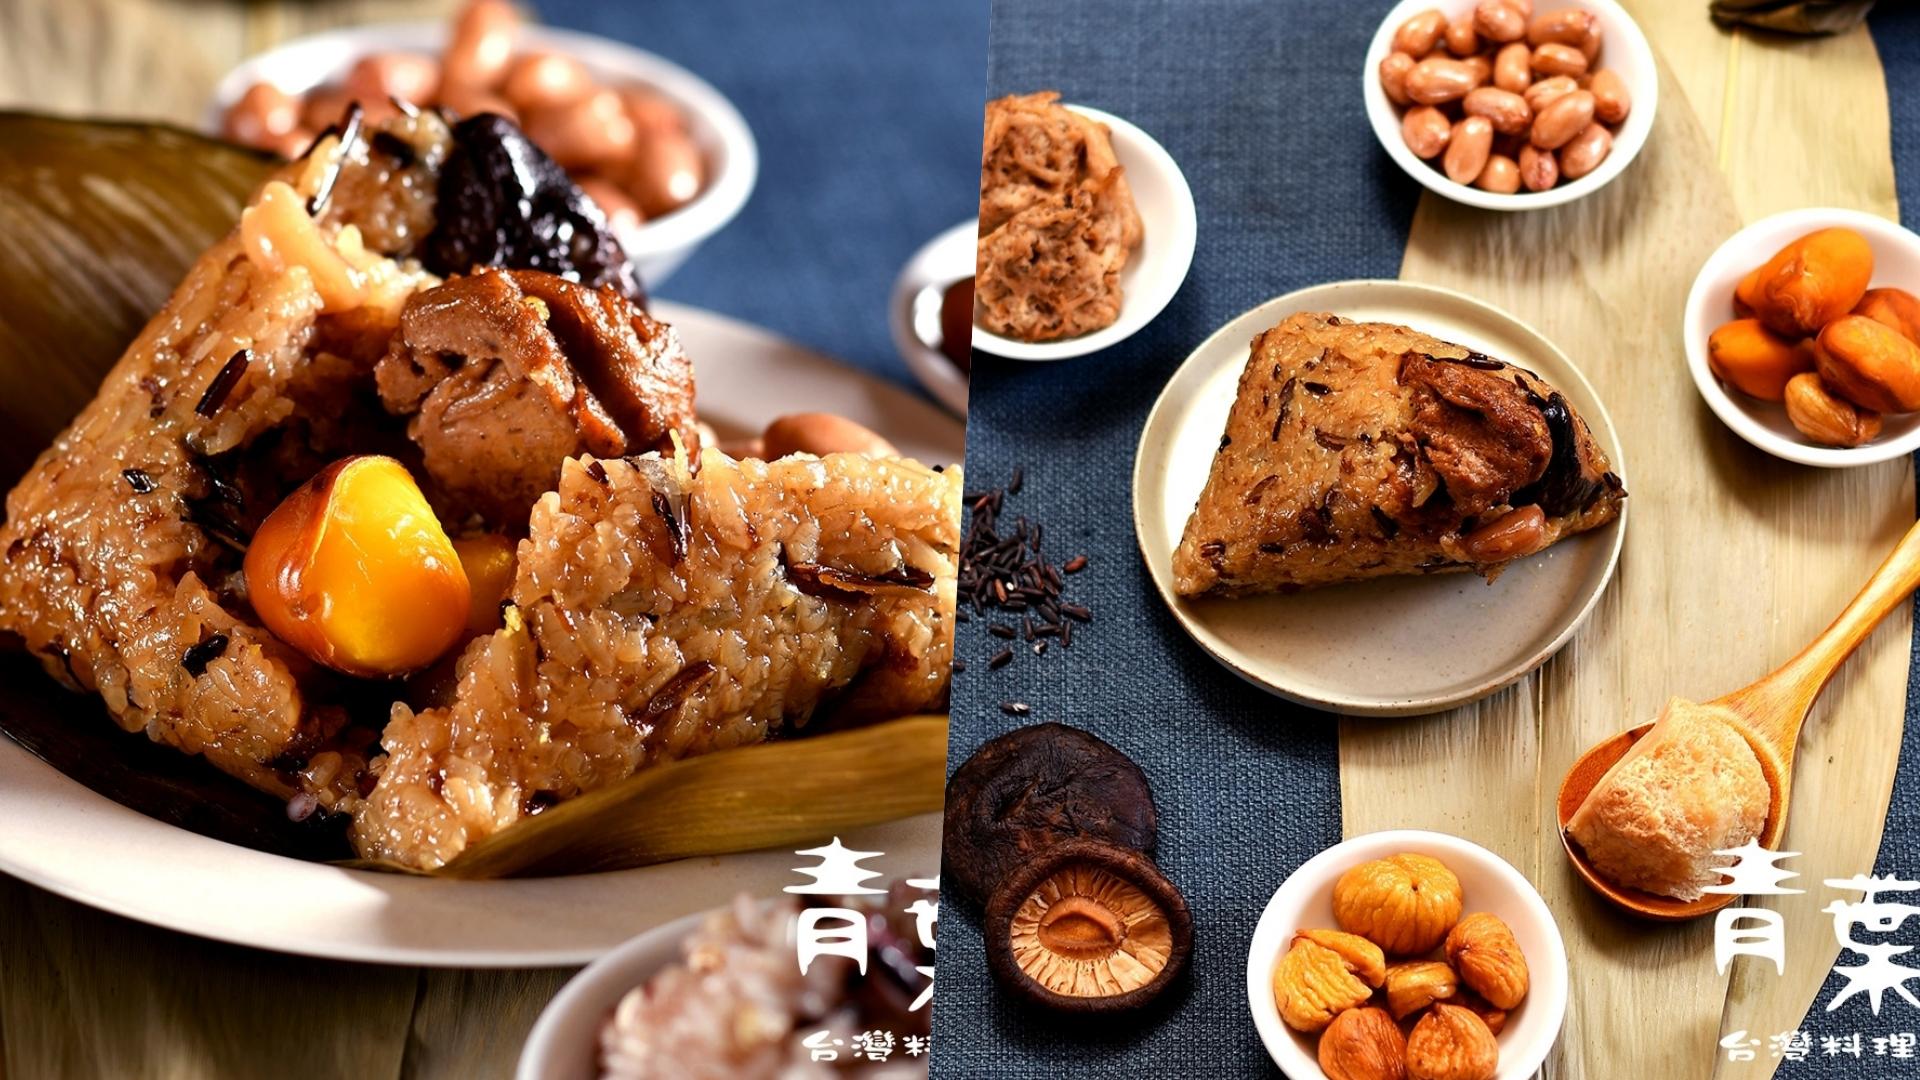 以紫米、長糯米、薏仁蒸製而成,增加豐富層次,再加入豆製素肉香氣不減、又能夠補充蛋白質,還有猴頭菇能夠提供爽脆Q彈的口感